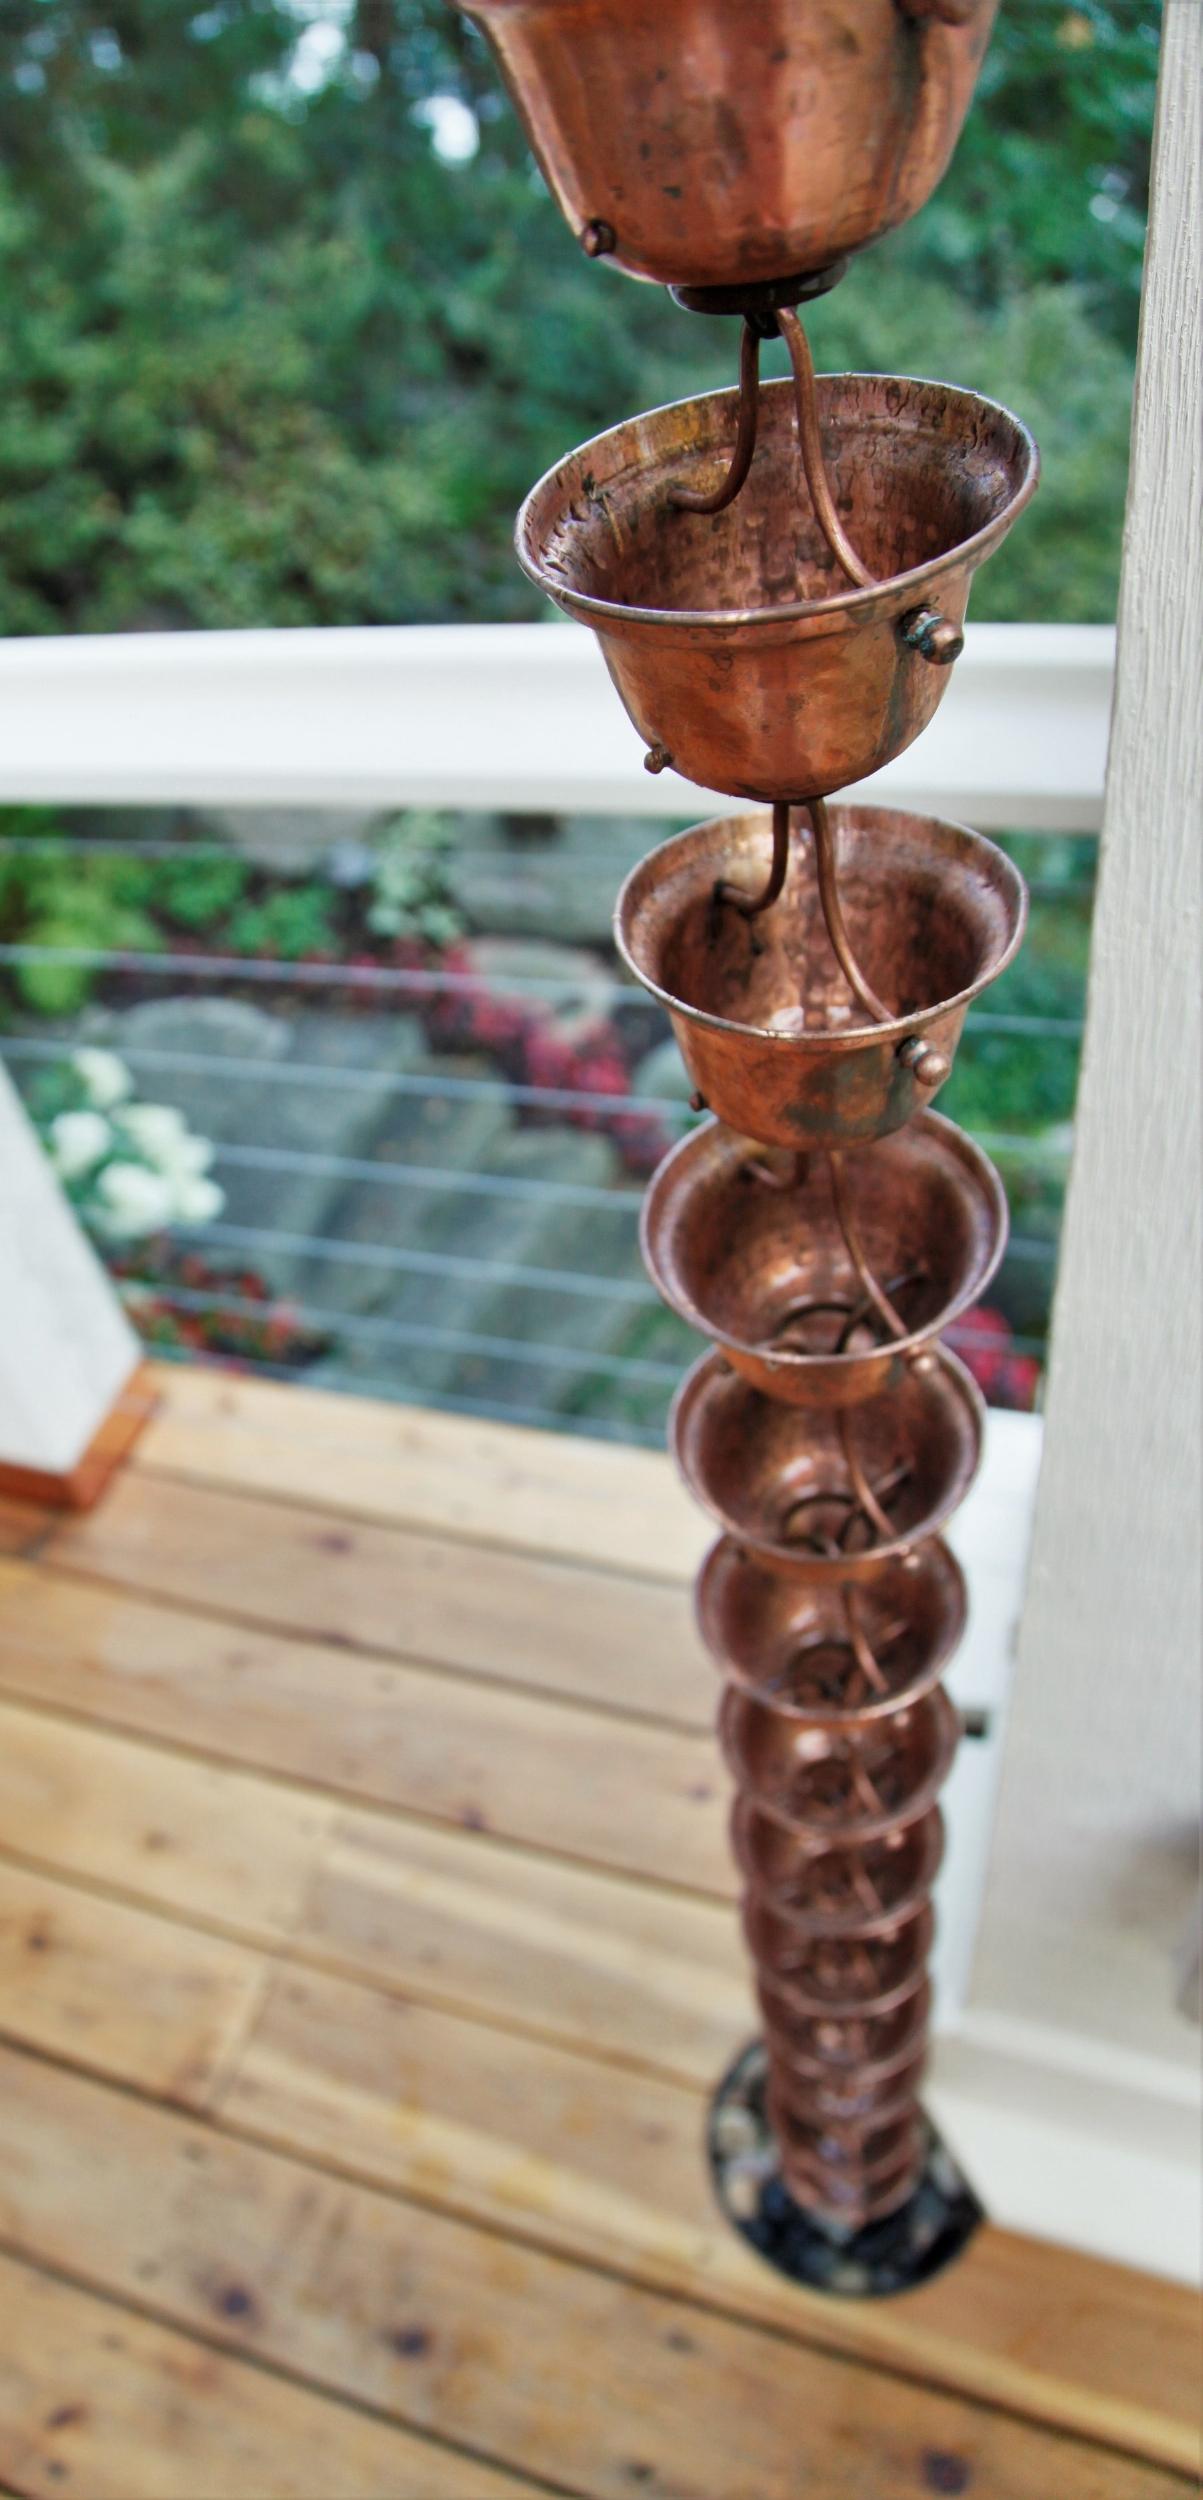 Mom's Design Build - Copper Rain Chain Gutter